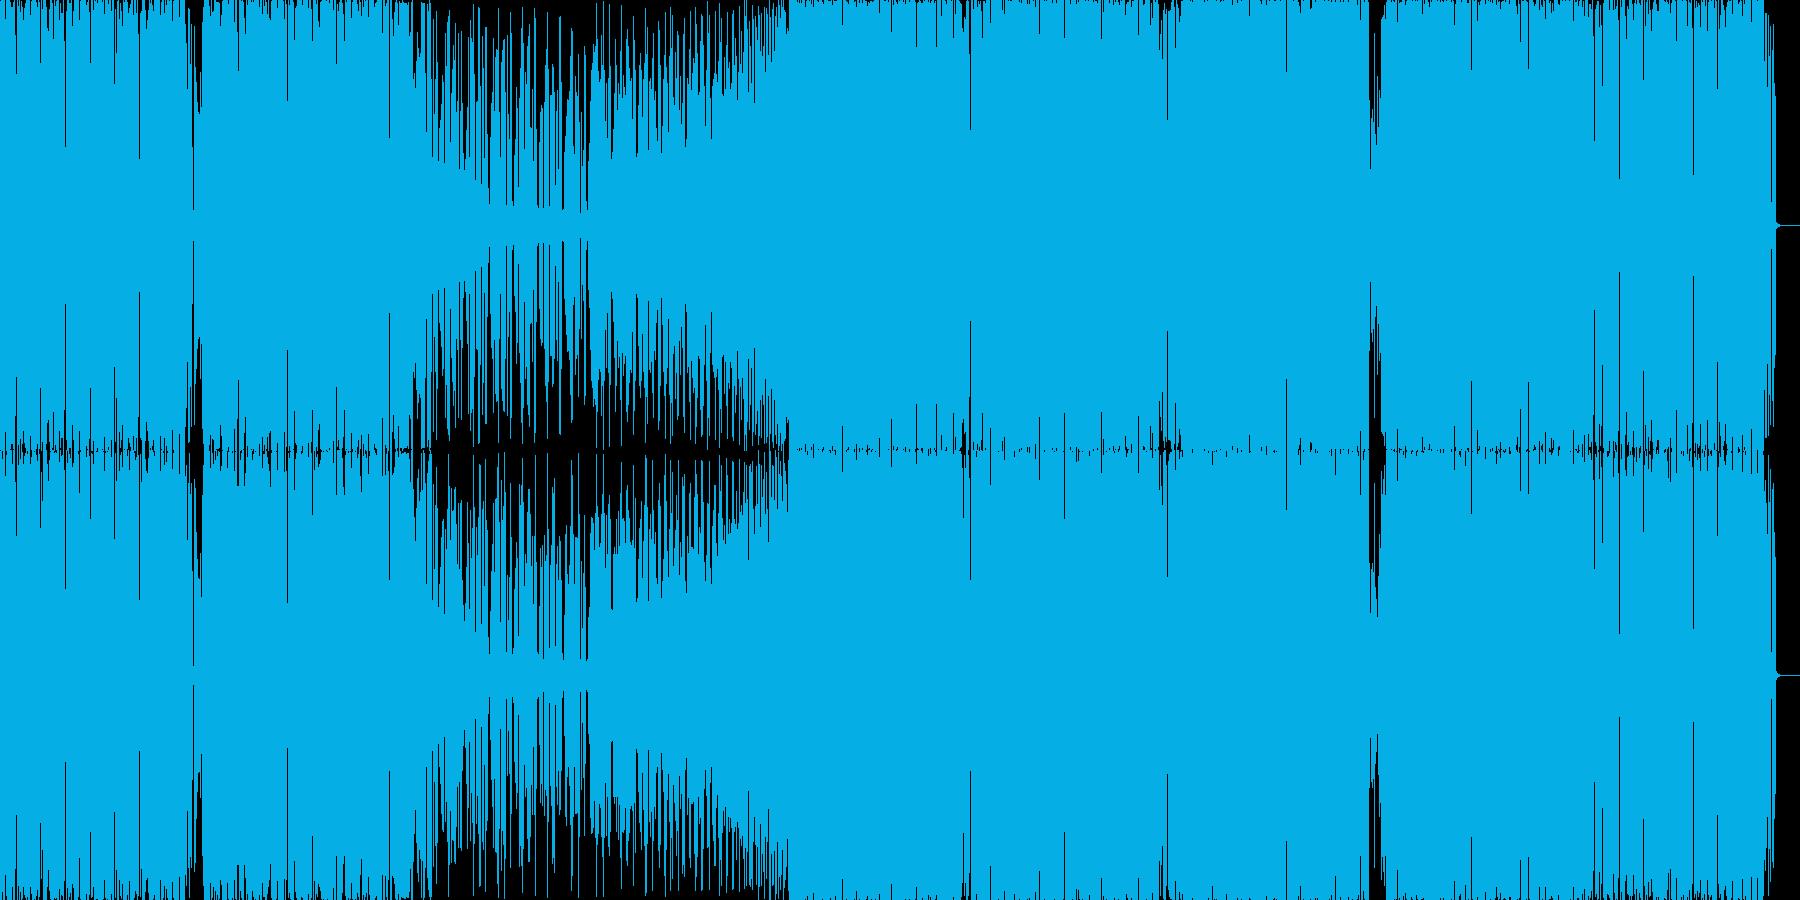 ハード系エレクトロの再生済みの波形